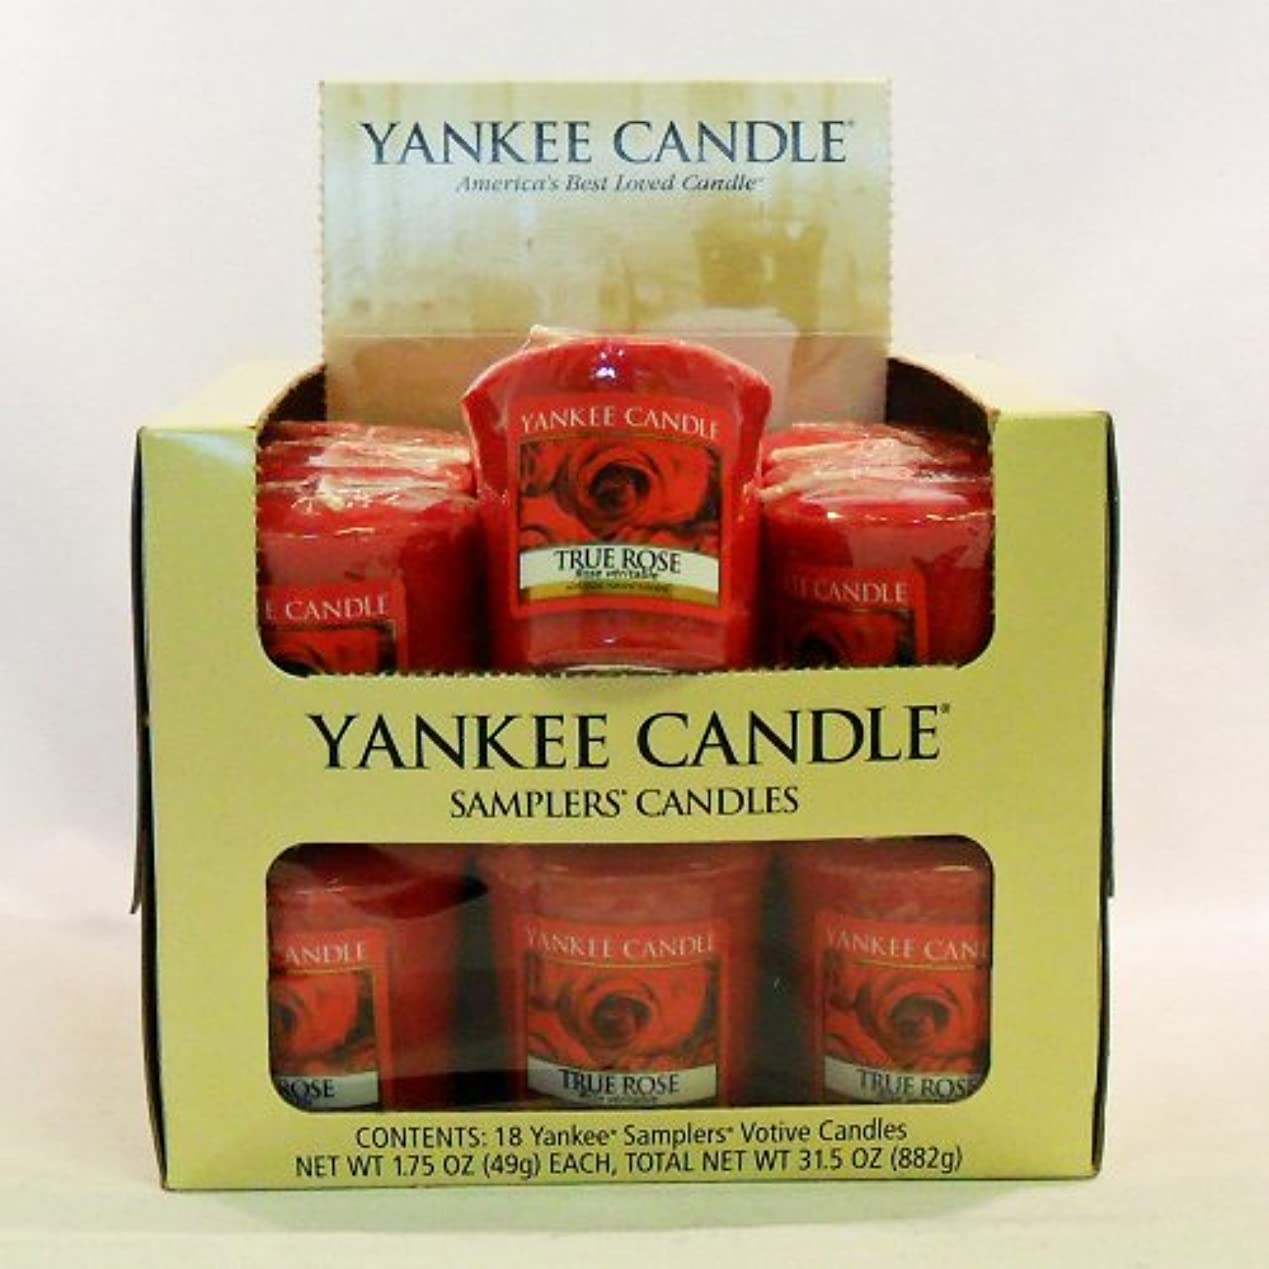 東遠え丁寧Yankee candle-18 X TrueローズVotiveサンプラーキャンドル – 新しい香りfor 2012 。